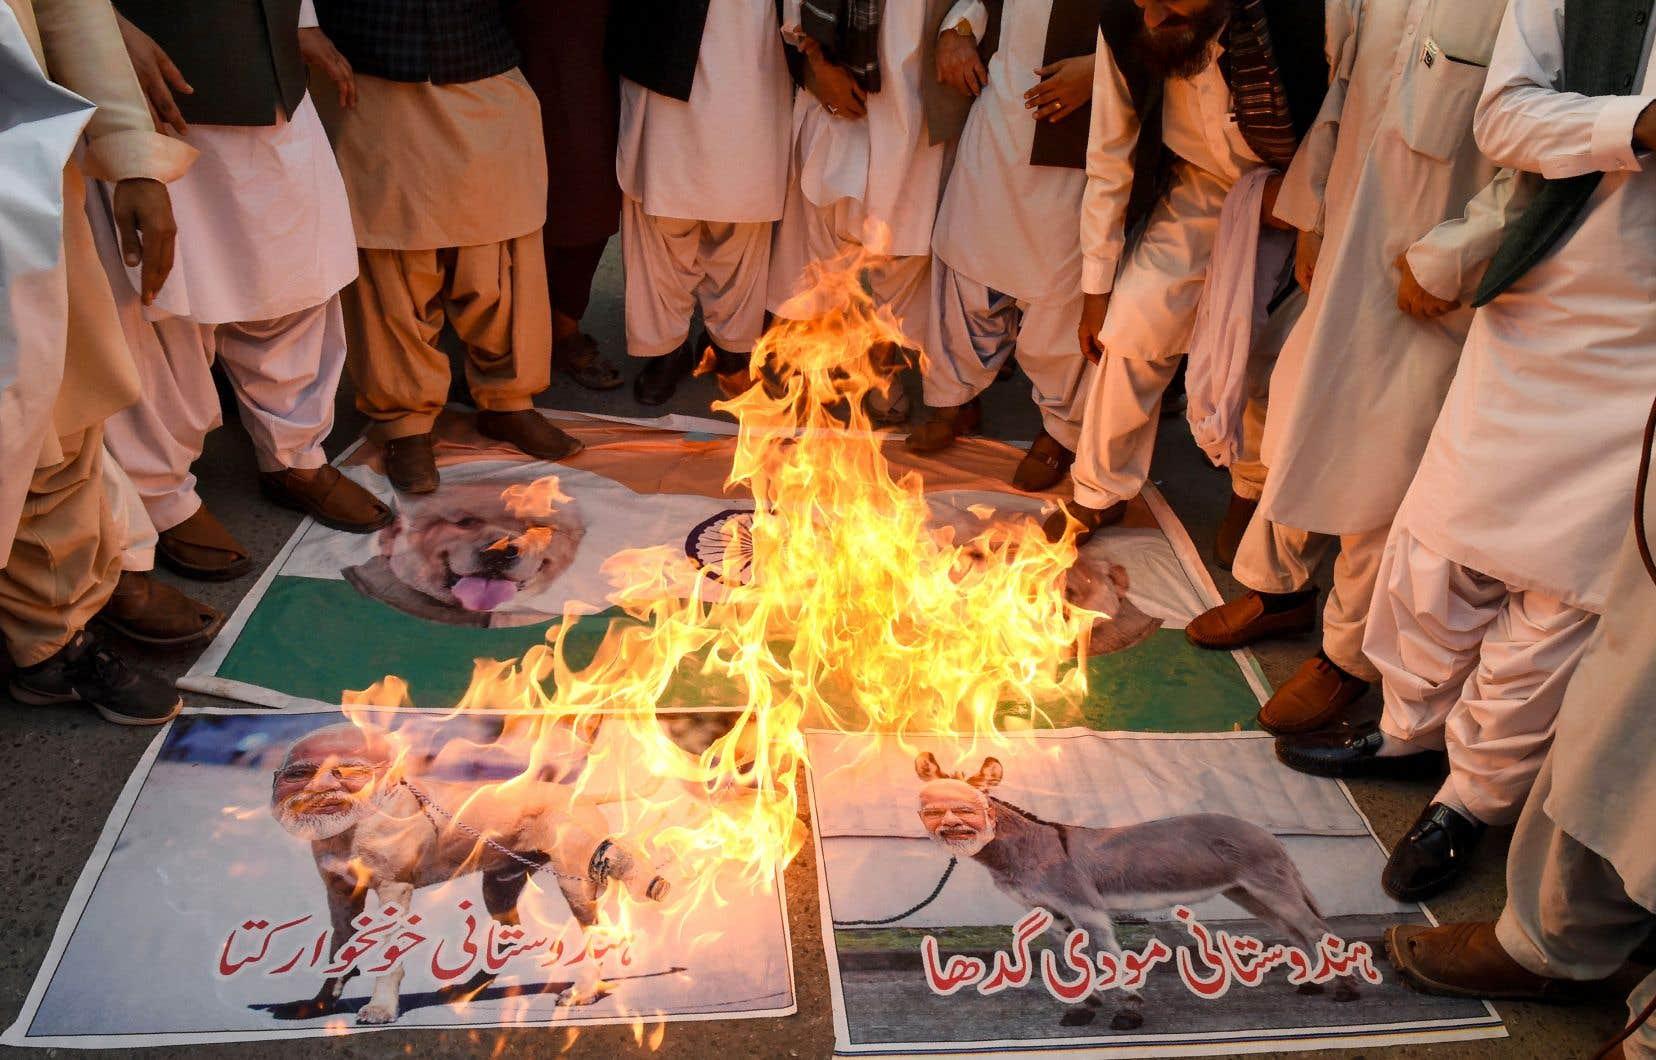 Les Cachemiris craignent que le confinement de la population, en grande partie hostile à l'Inde, n'exacerbe le ressentiment local.